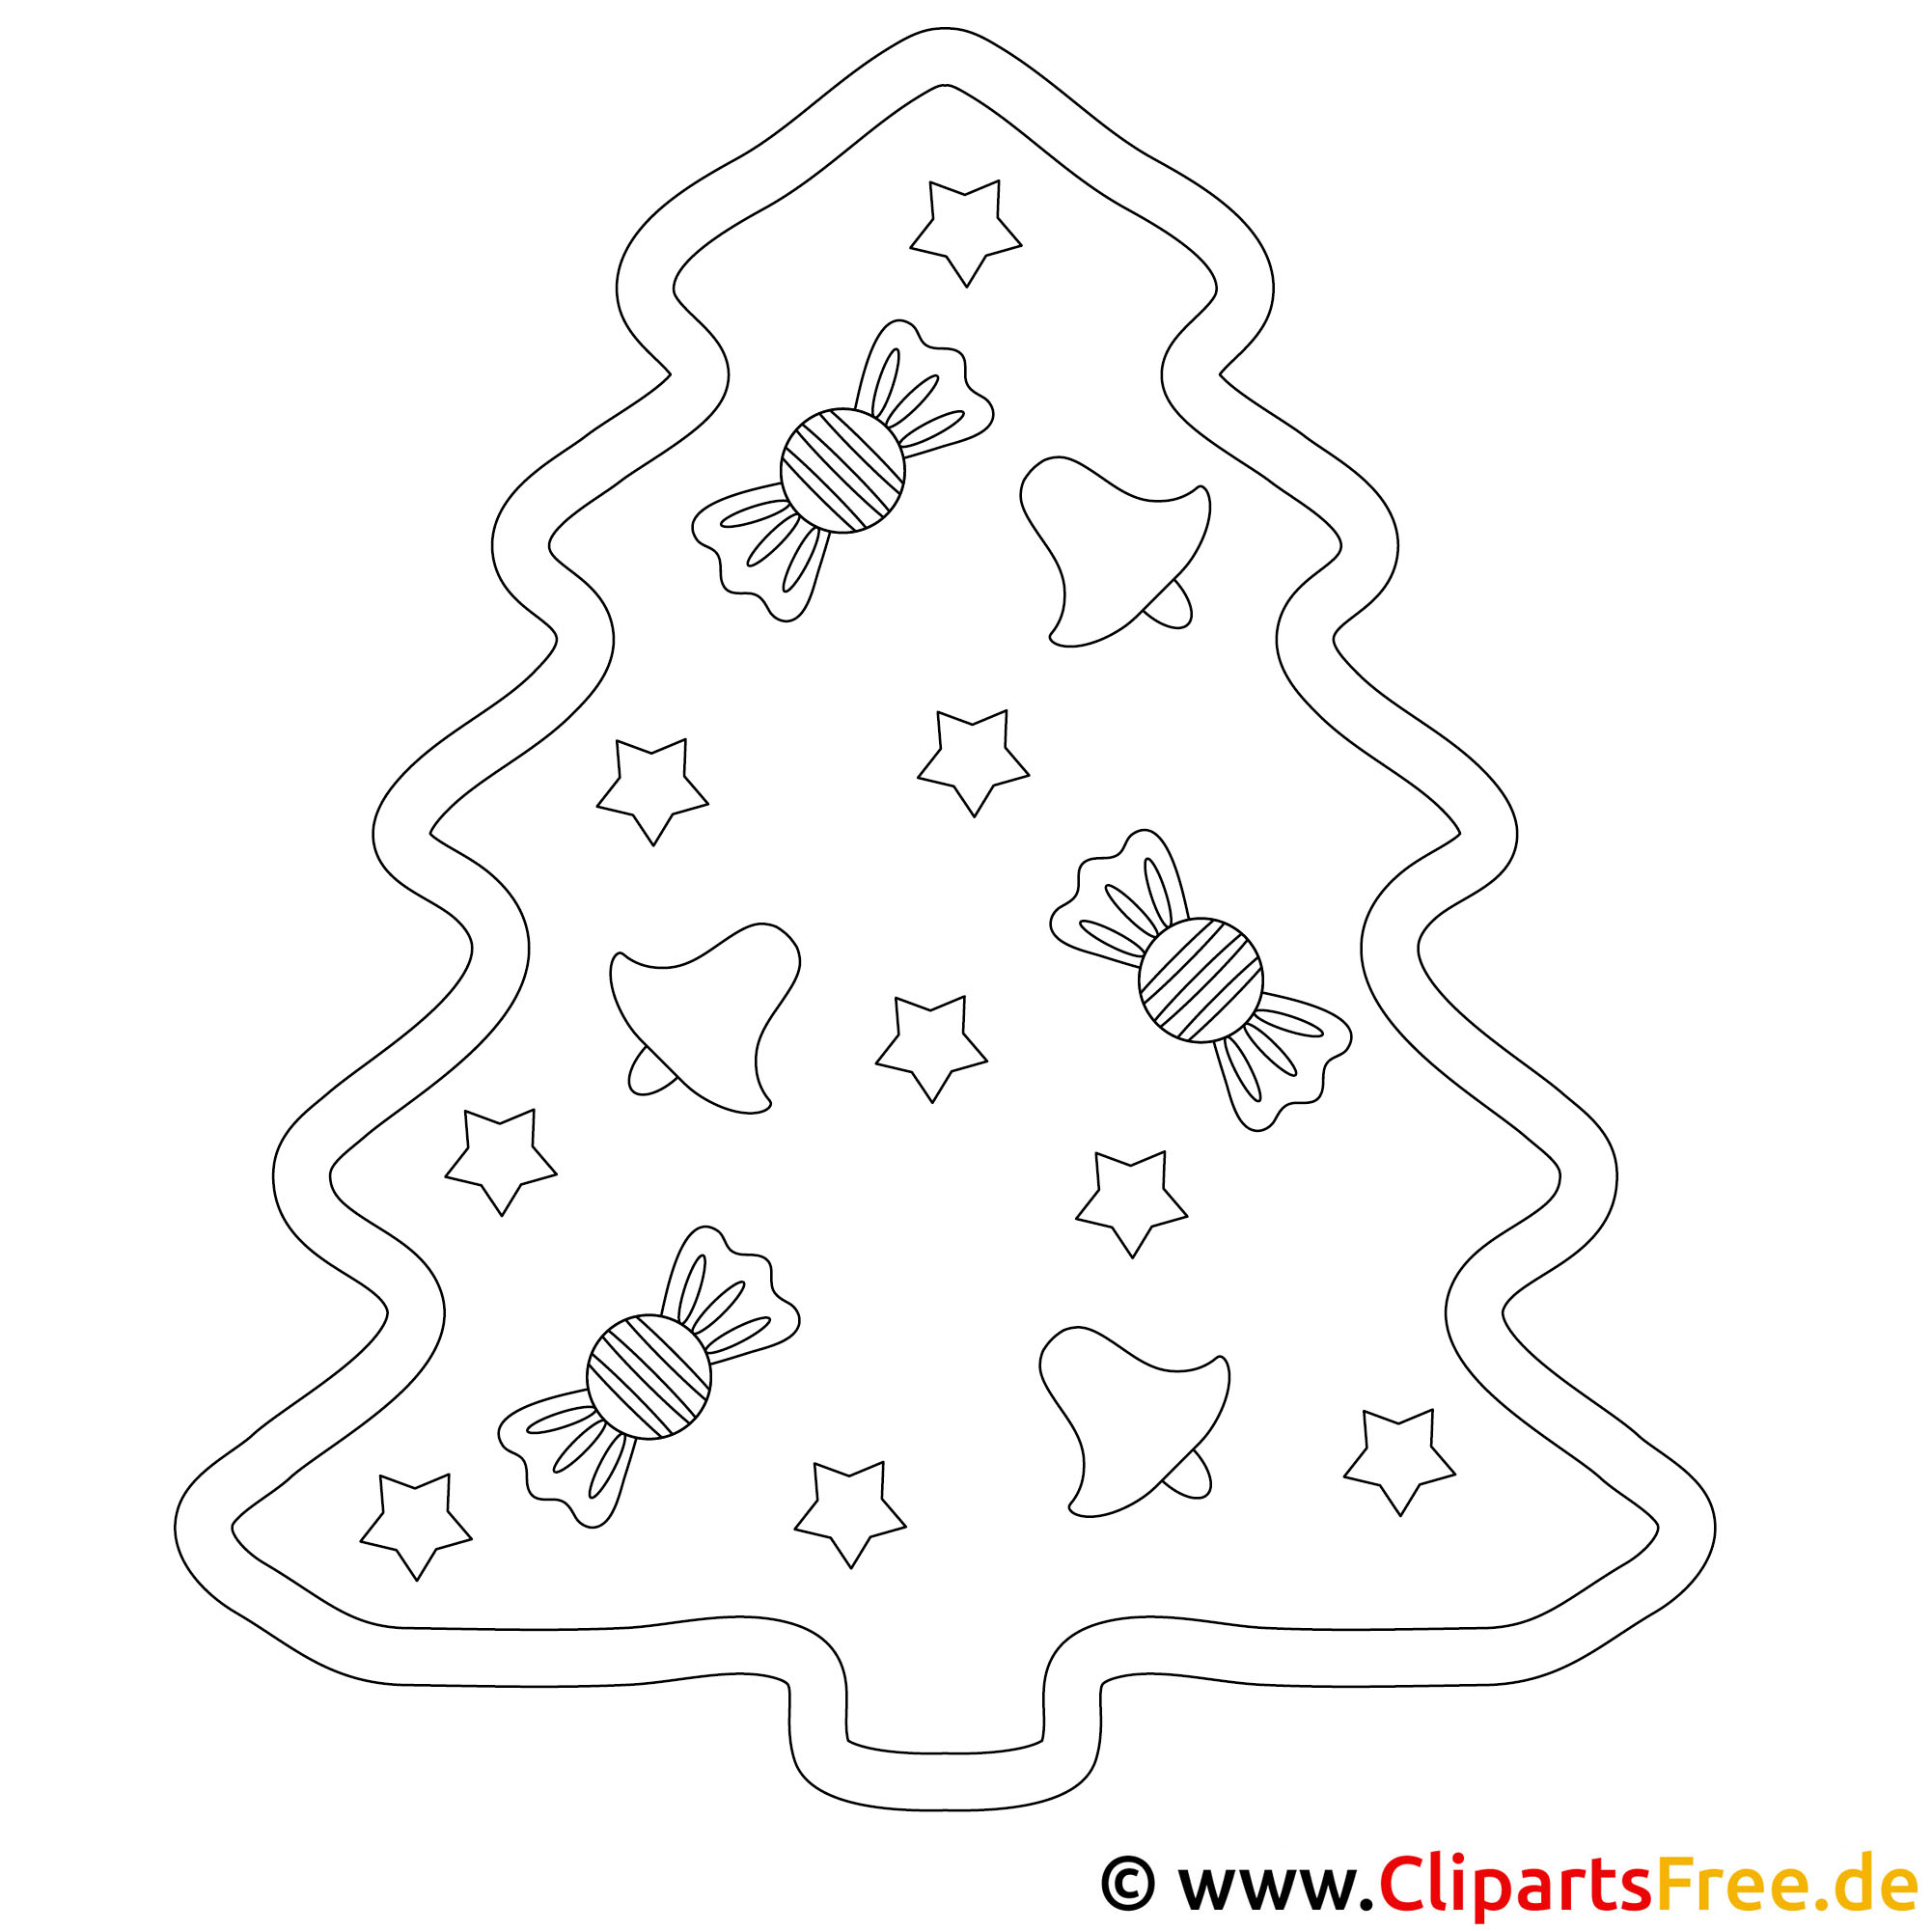 pin images ausmalbilder weihnachten malvorlagen ausmalen. Black Bedroom Furniture Sets. Home Design Ideas